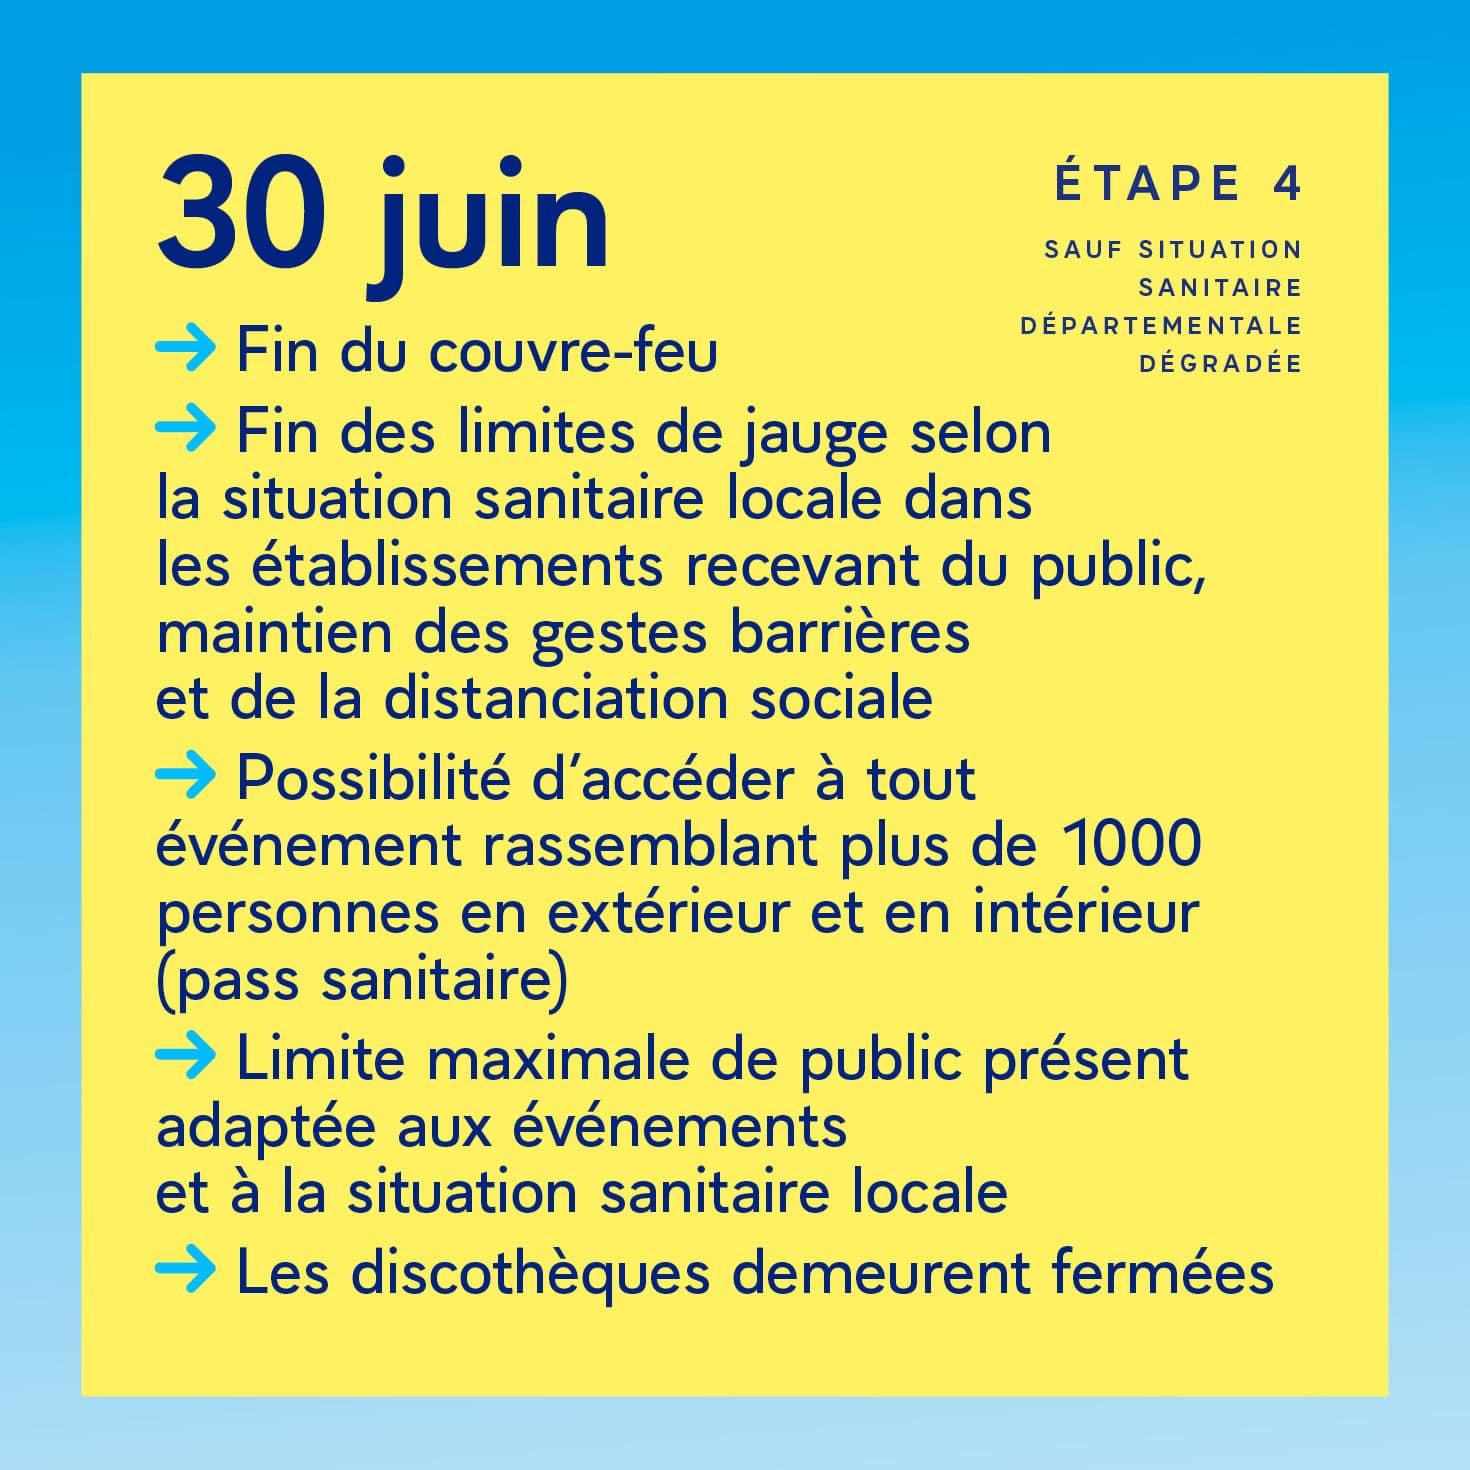 Visuel calendrier deconfinement-30 juin